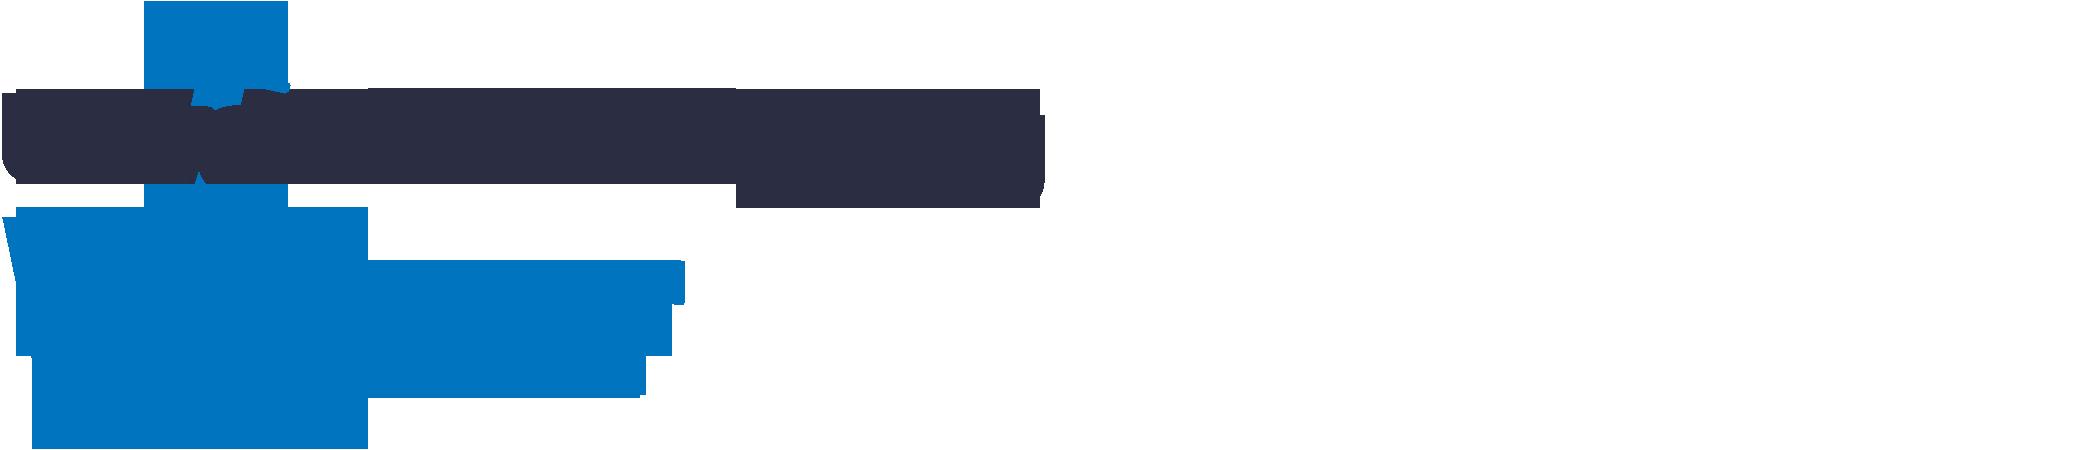 Uitvaartverzekeringwijzer.net